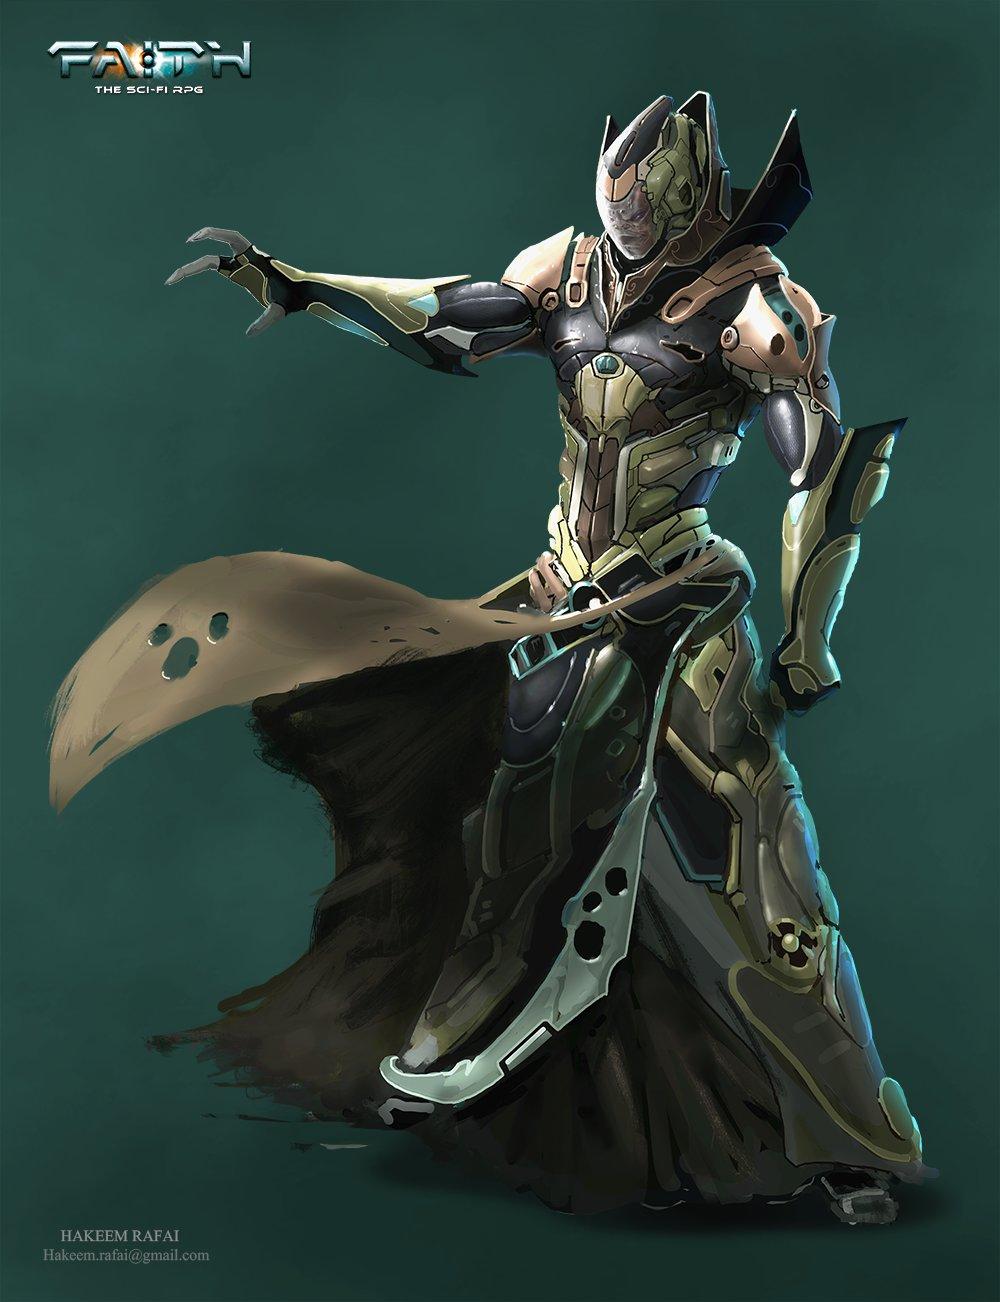 Scifi Faith RPG_The Soulbender